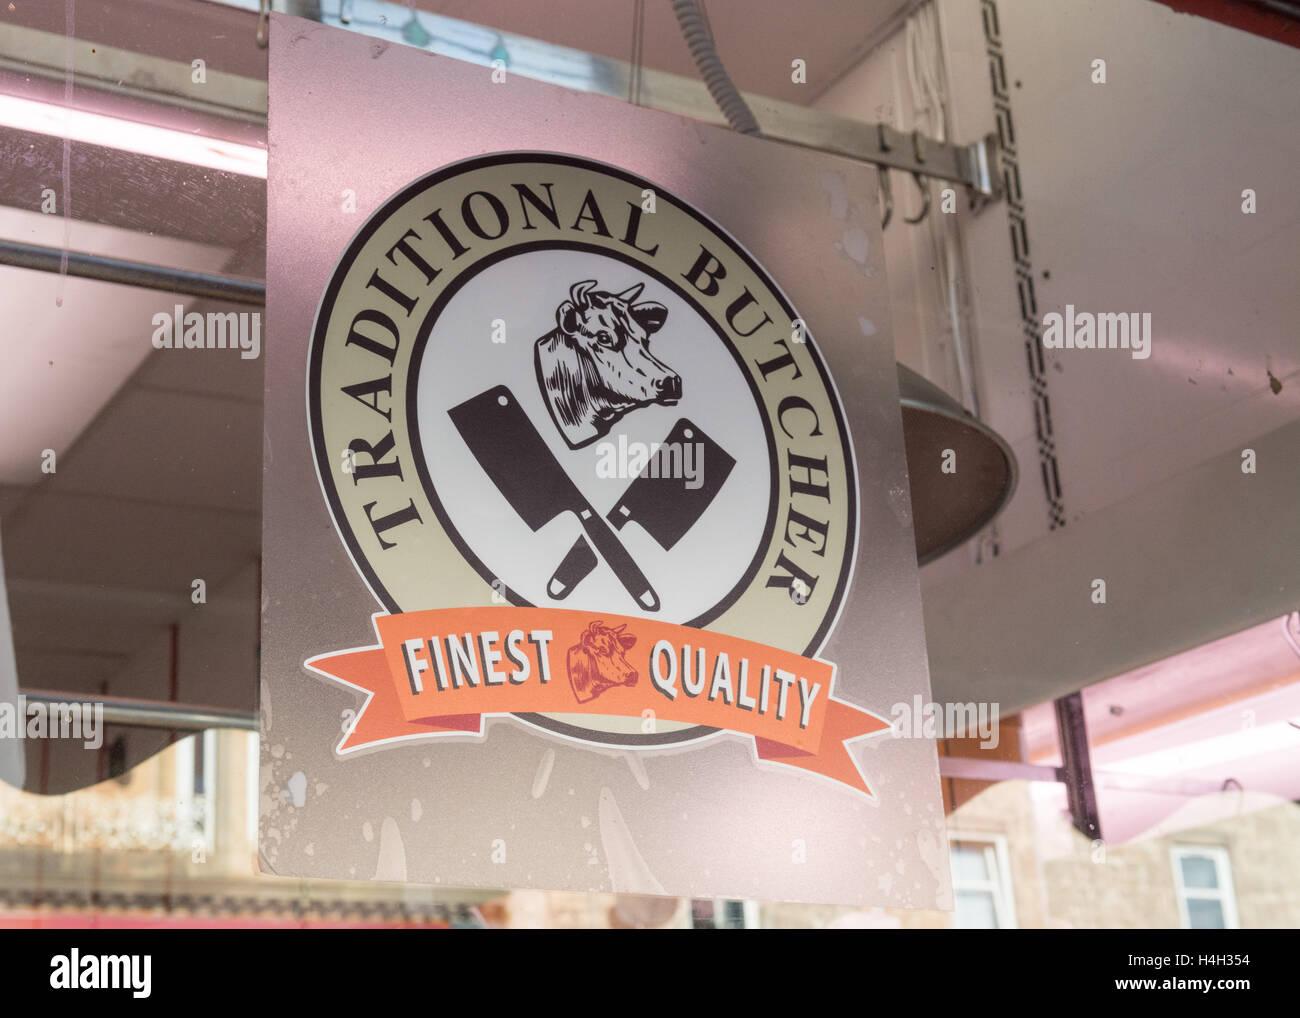 Carnicero tradicional publicidad pegatina en carnicerías escaparate Imagen De Stock